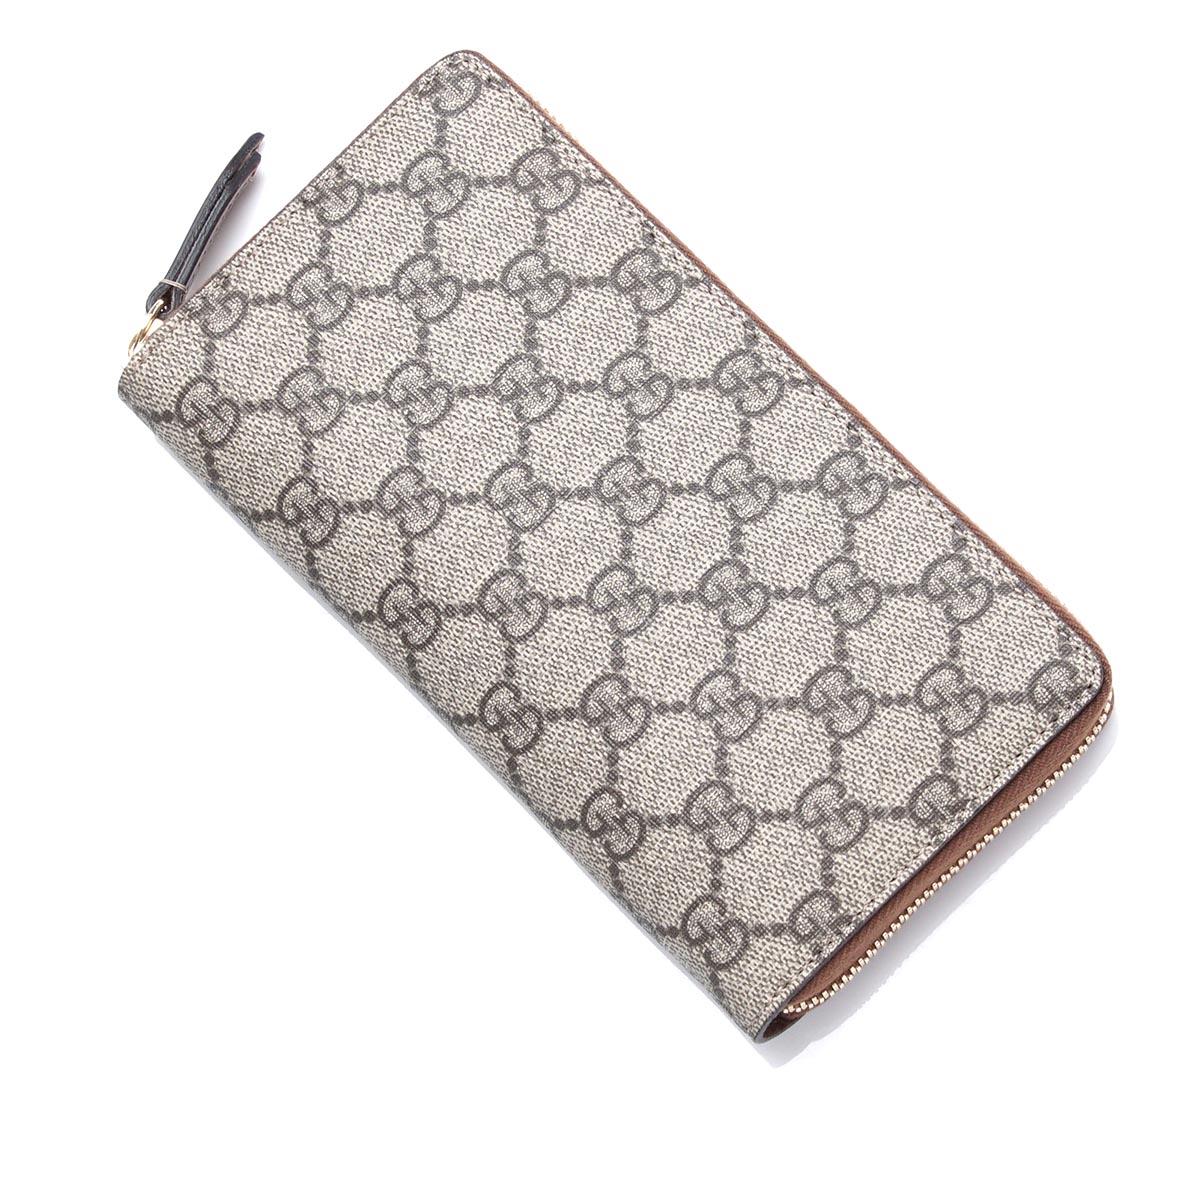 ebcbac992568 女子高生の財布で人気ブランドは?高すぎないおしゃれなデザイン紹介 ...